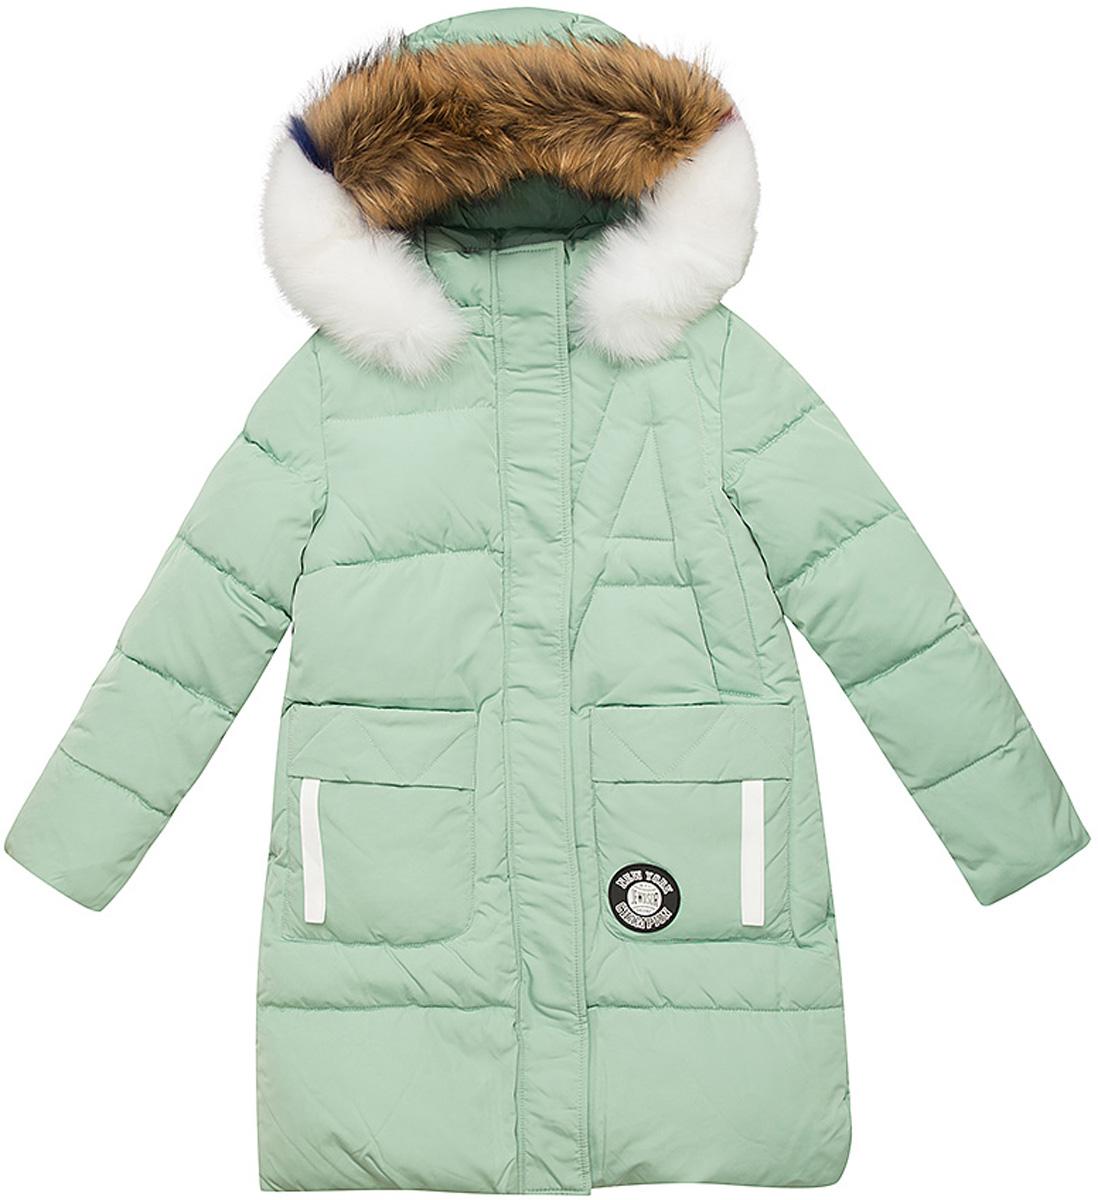 Куртка для девочки Vitacci, цвет: зеленый. 2171456-06. Размер 1702171456-06Удлиненная куртка для девочки Vitacci, изготовленная из полиэстера, станет стильнымдополнением к детскому гардеробу.Подкладка выполнена из полиэстера и дополнительно утеплена флисом по спинке. В качестве утеплителя используется биопух.Модель застегивается на пластиковую застежку-молнию. Имеет ветрозащитную планку и съемный капюшон с отделкой из натурального разноцветного меха. Спереди расположены два кармана.Температурный режим от -10 до -25 градусов.Теплая, удобная и практичная куртка идеально подойдет юной моднице для прогулок!